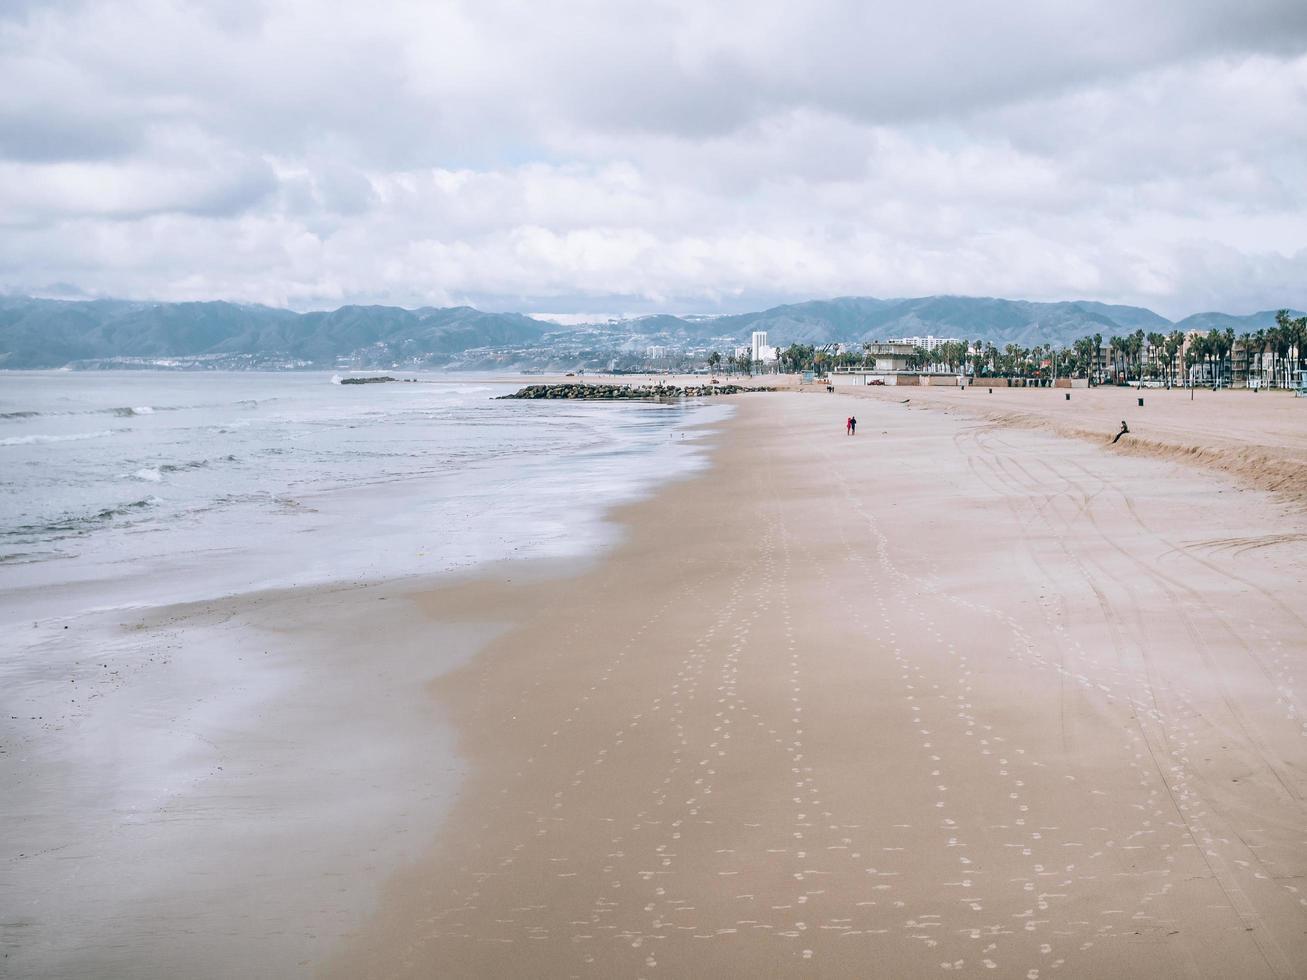 Waves crashing shore  photo